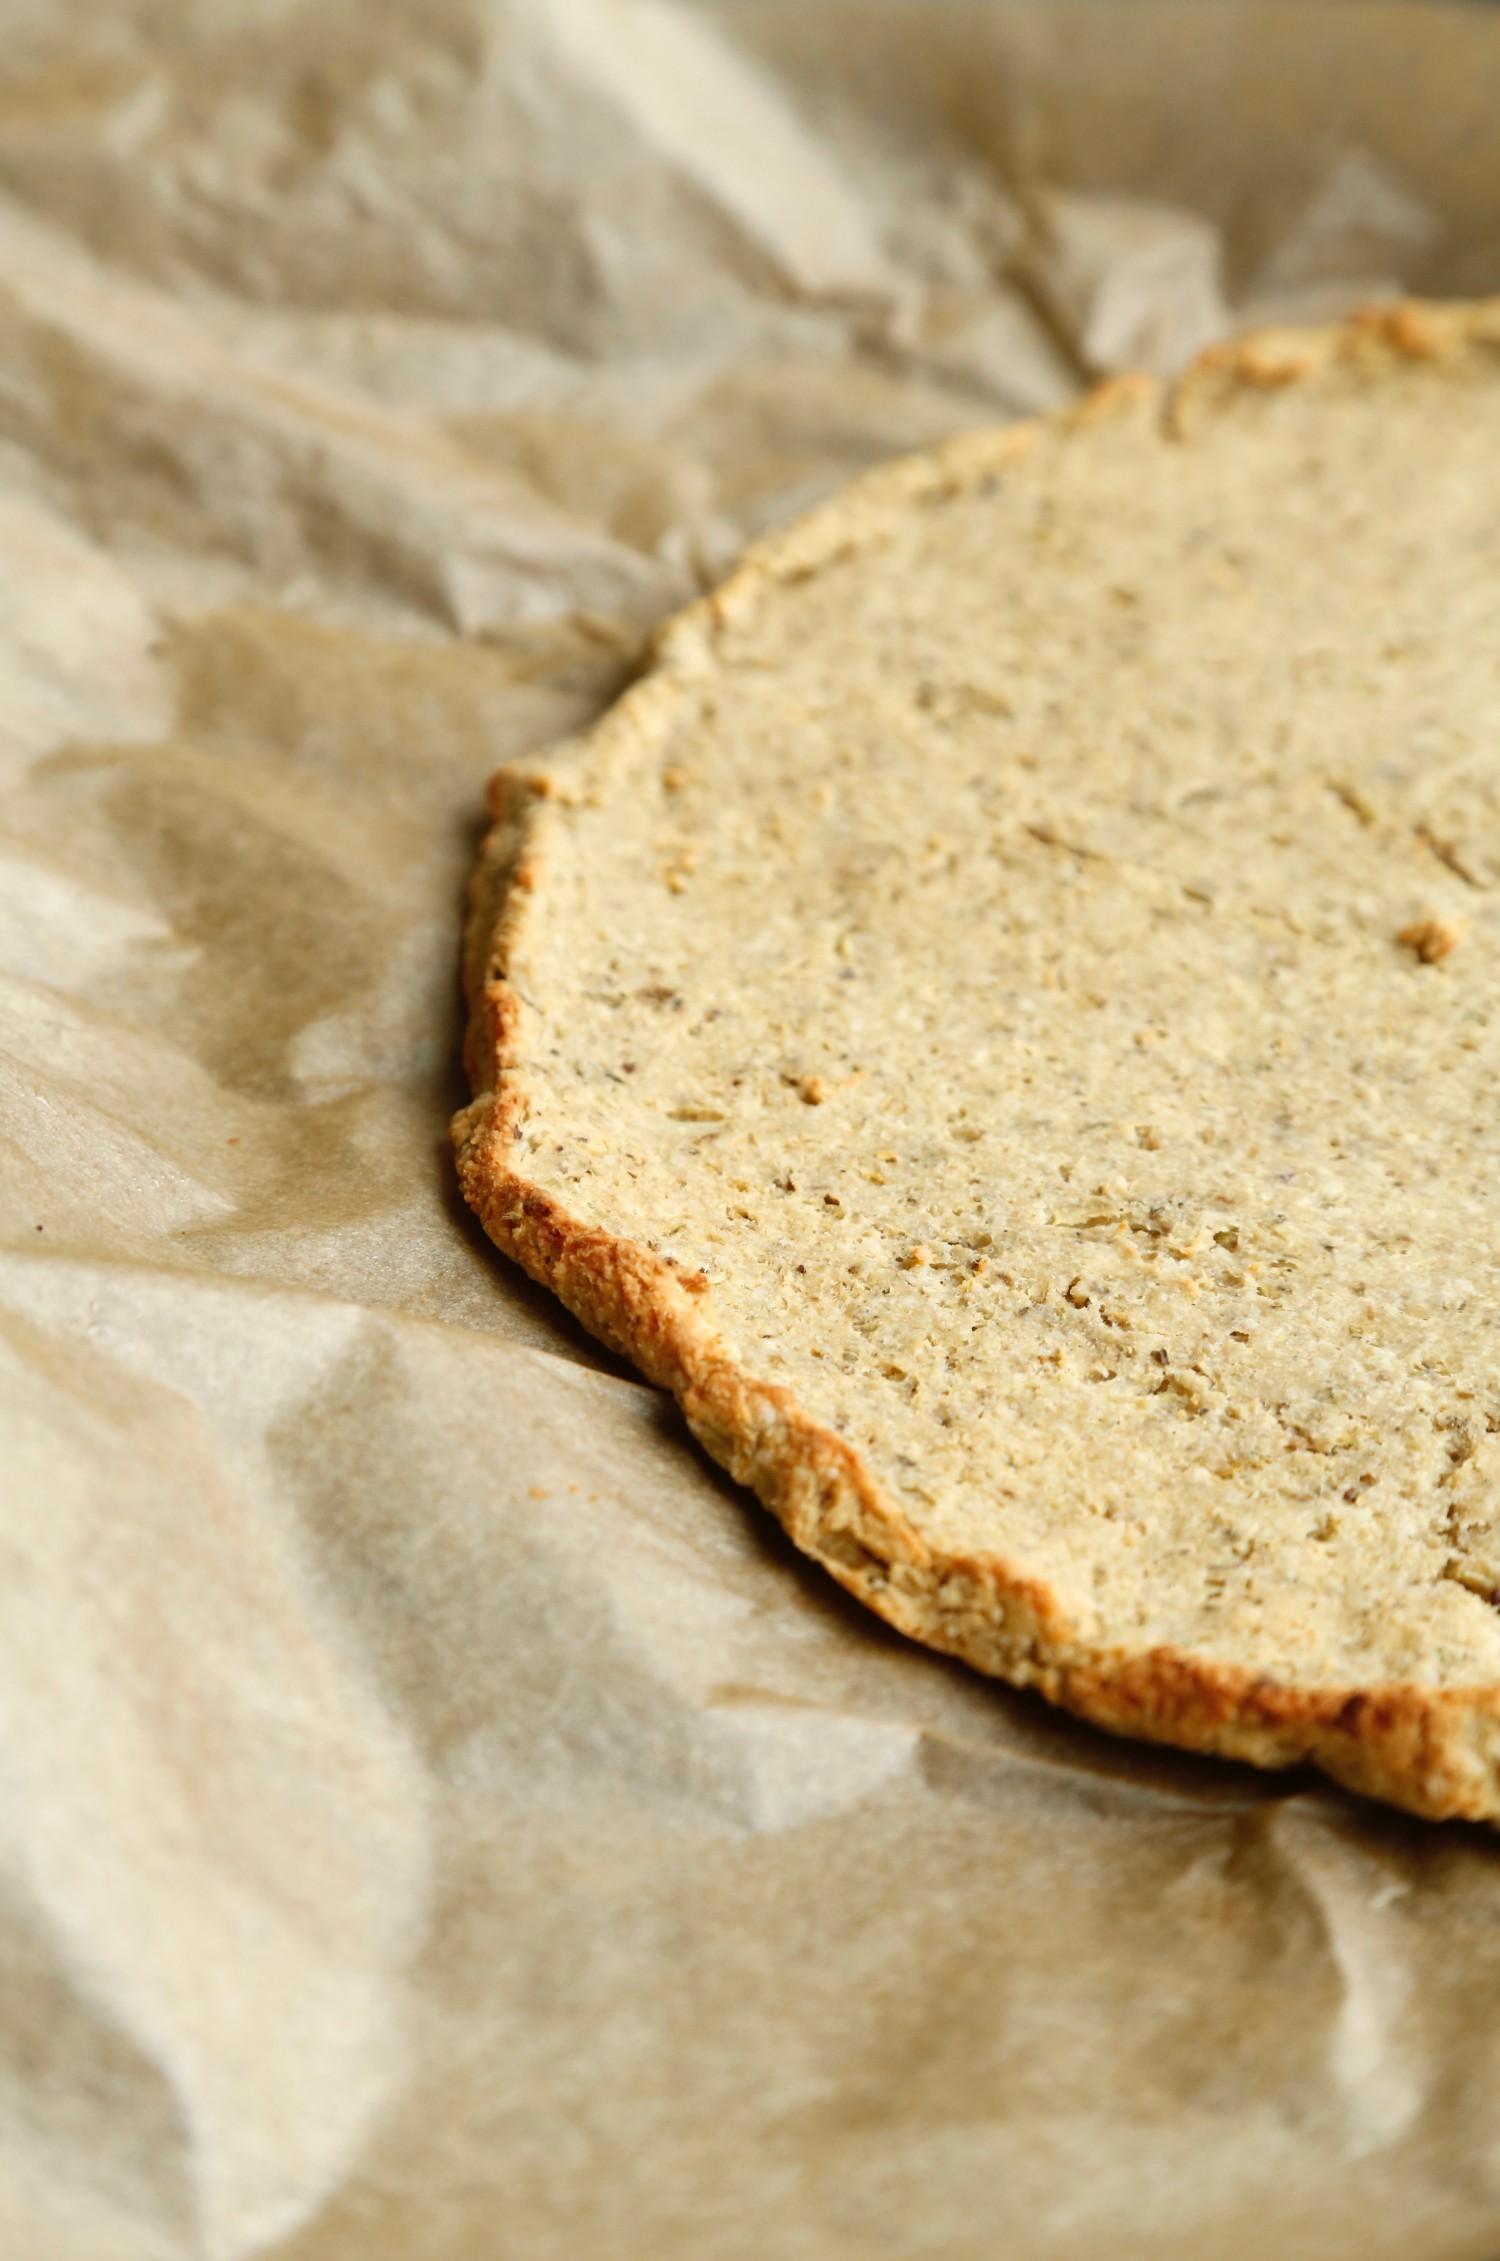 nem-blomkaalspizza-glutenfri-og-vegansk-opskrift-1-1